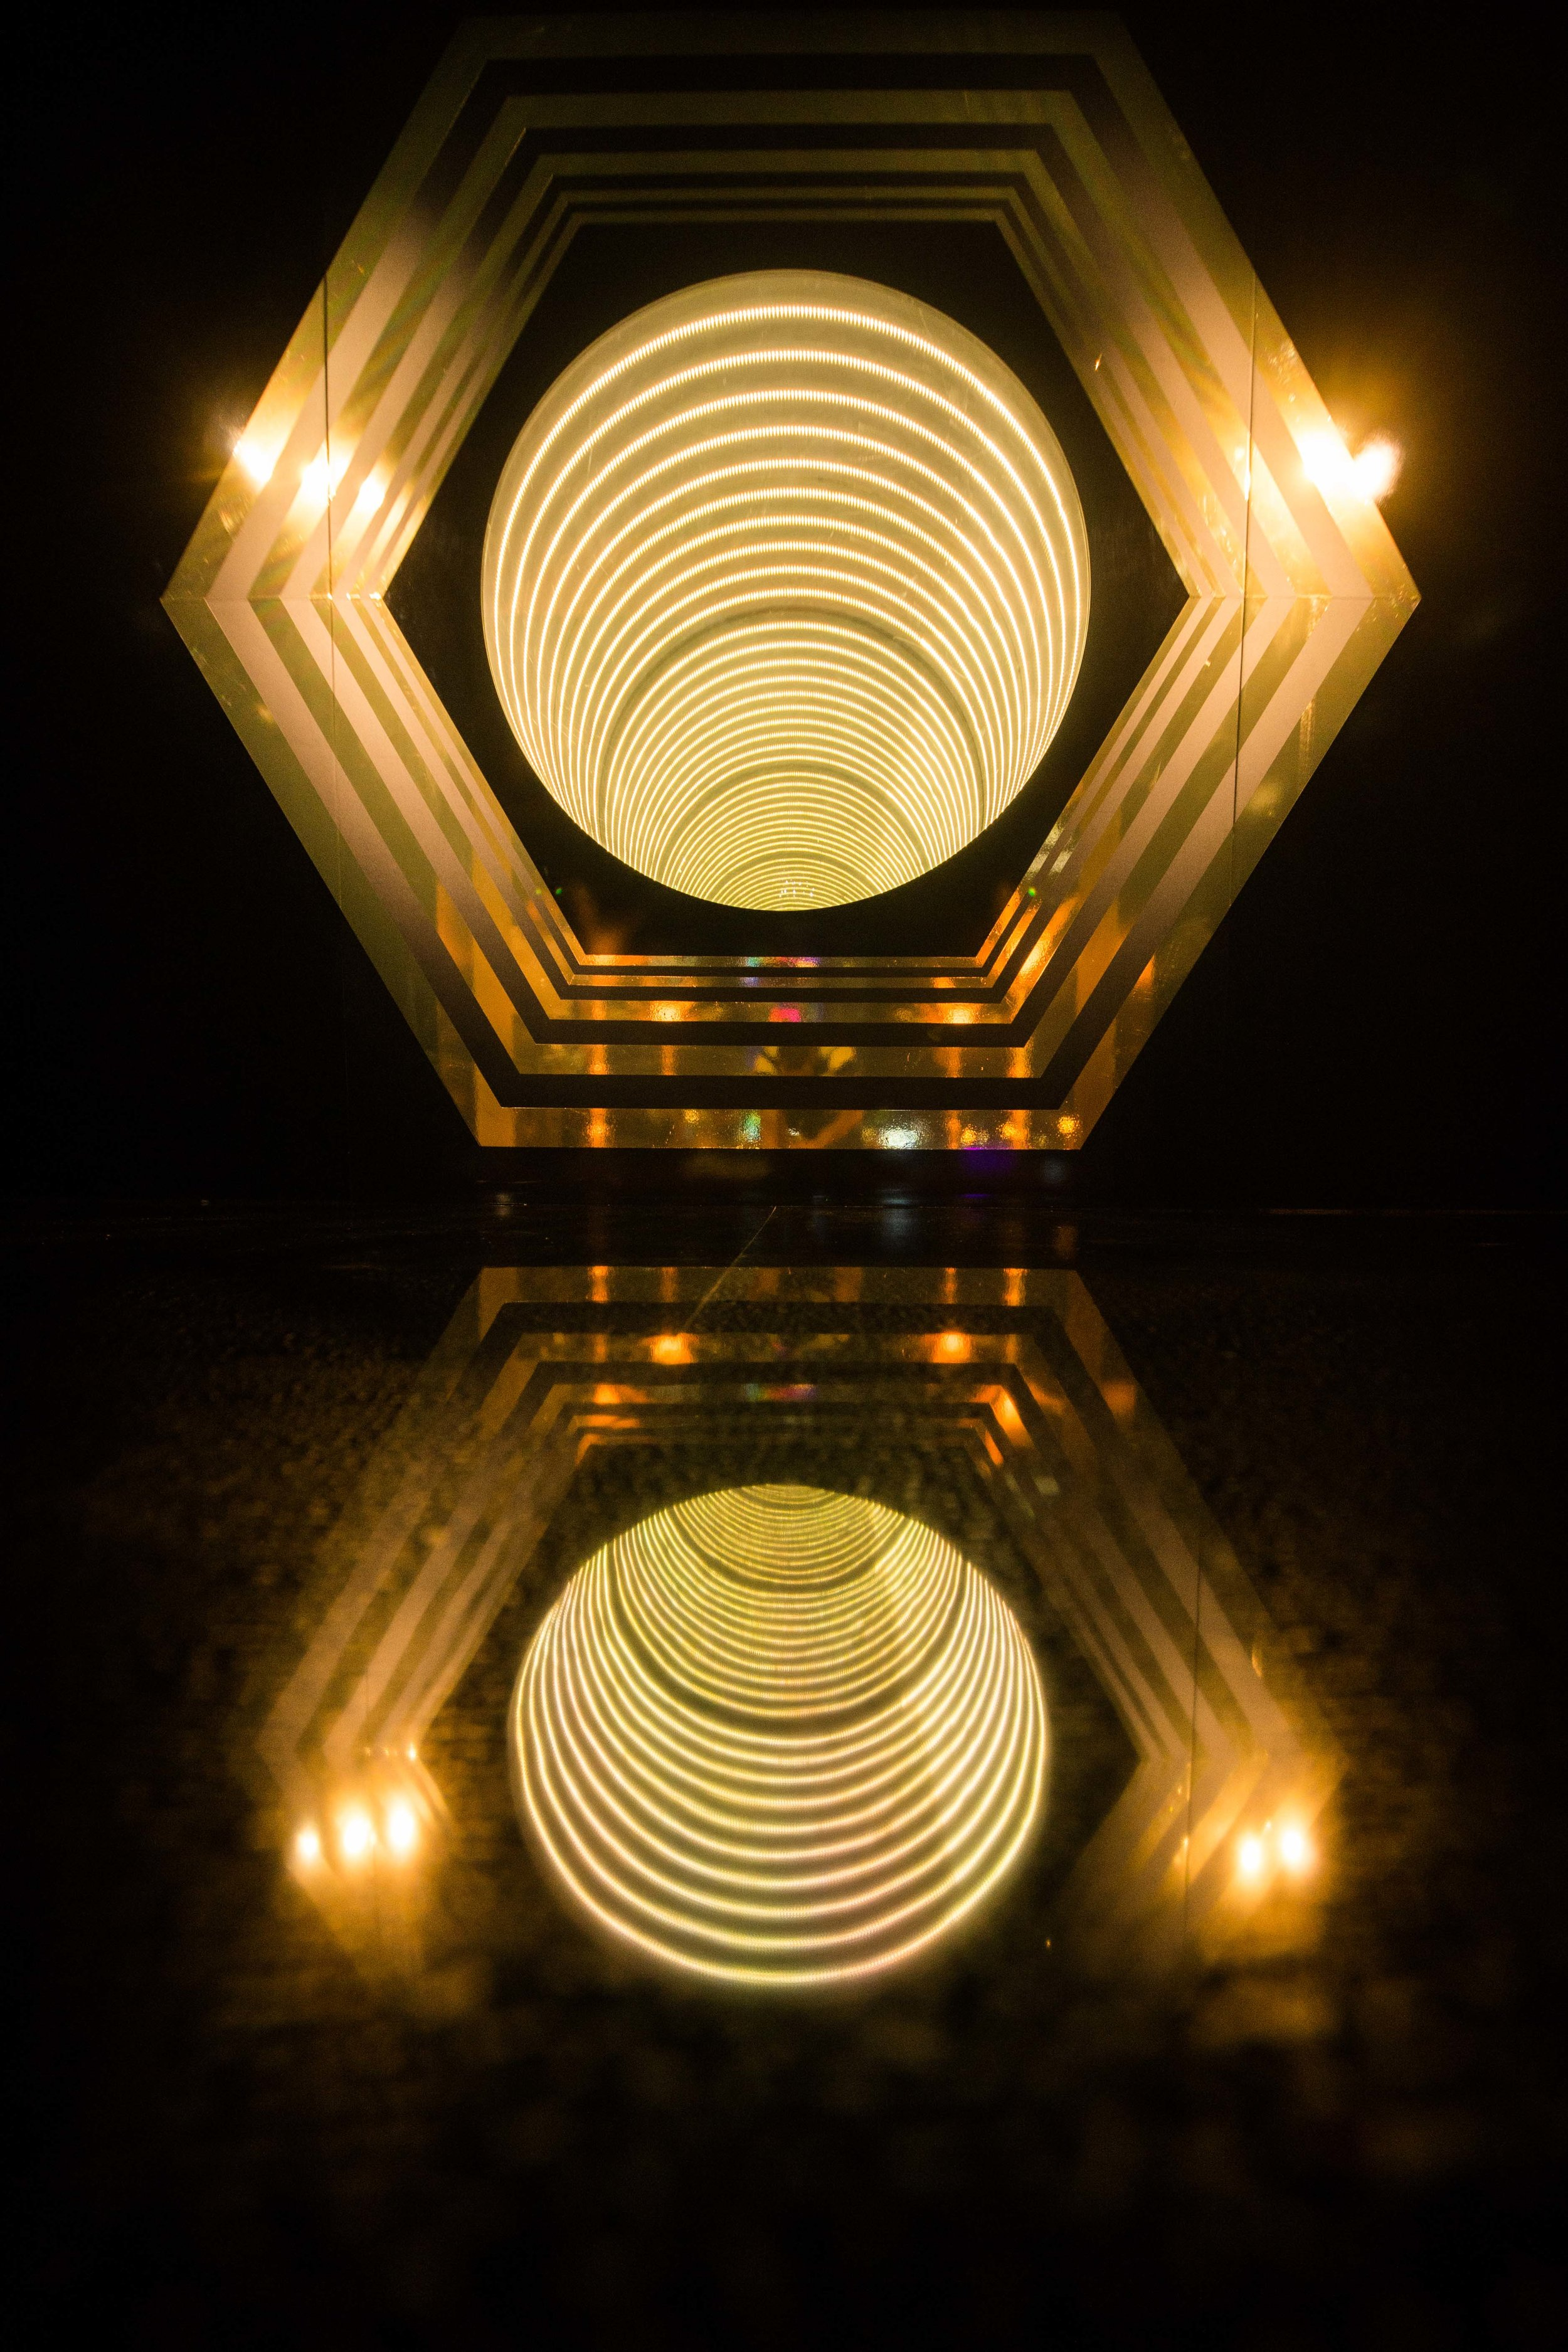 Golden Hour Cartier by Luxury Makers -Auditoire Dubaï - Saï - Stéphane Aït Ouarab-15.jpg